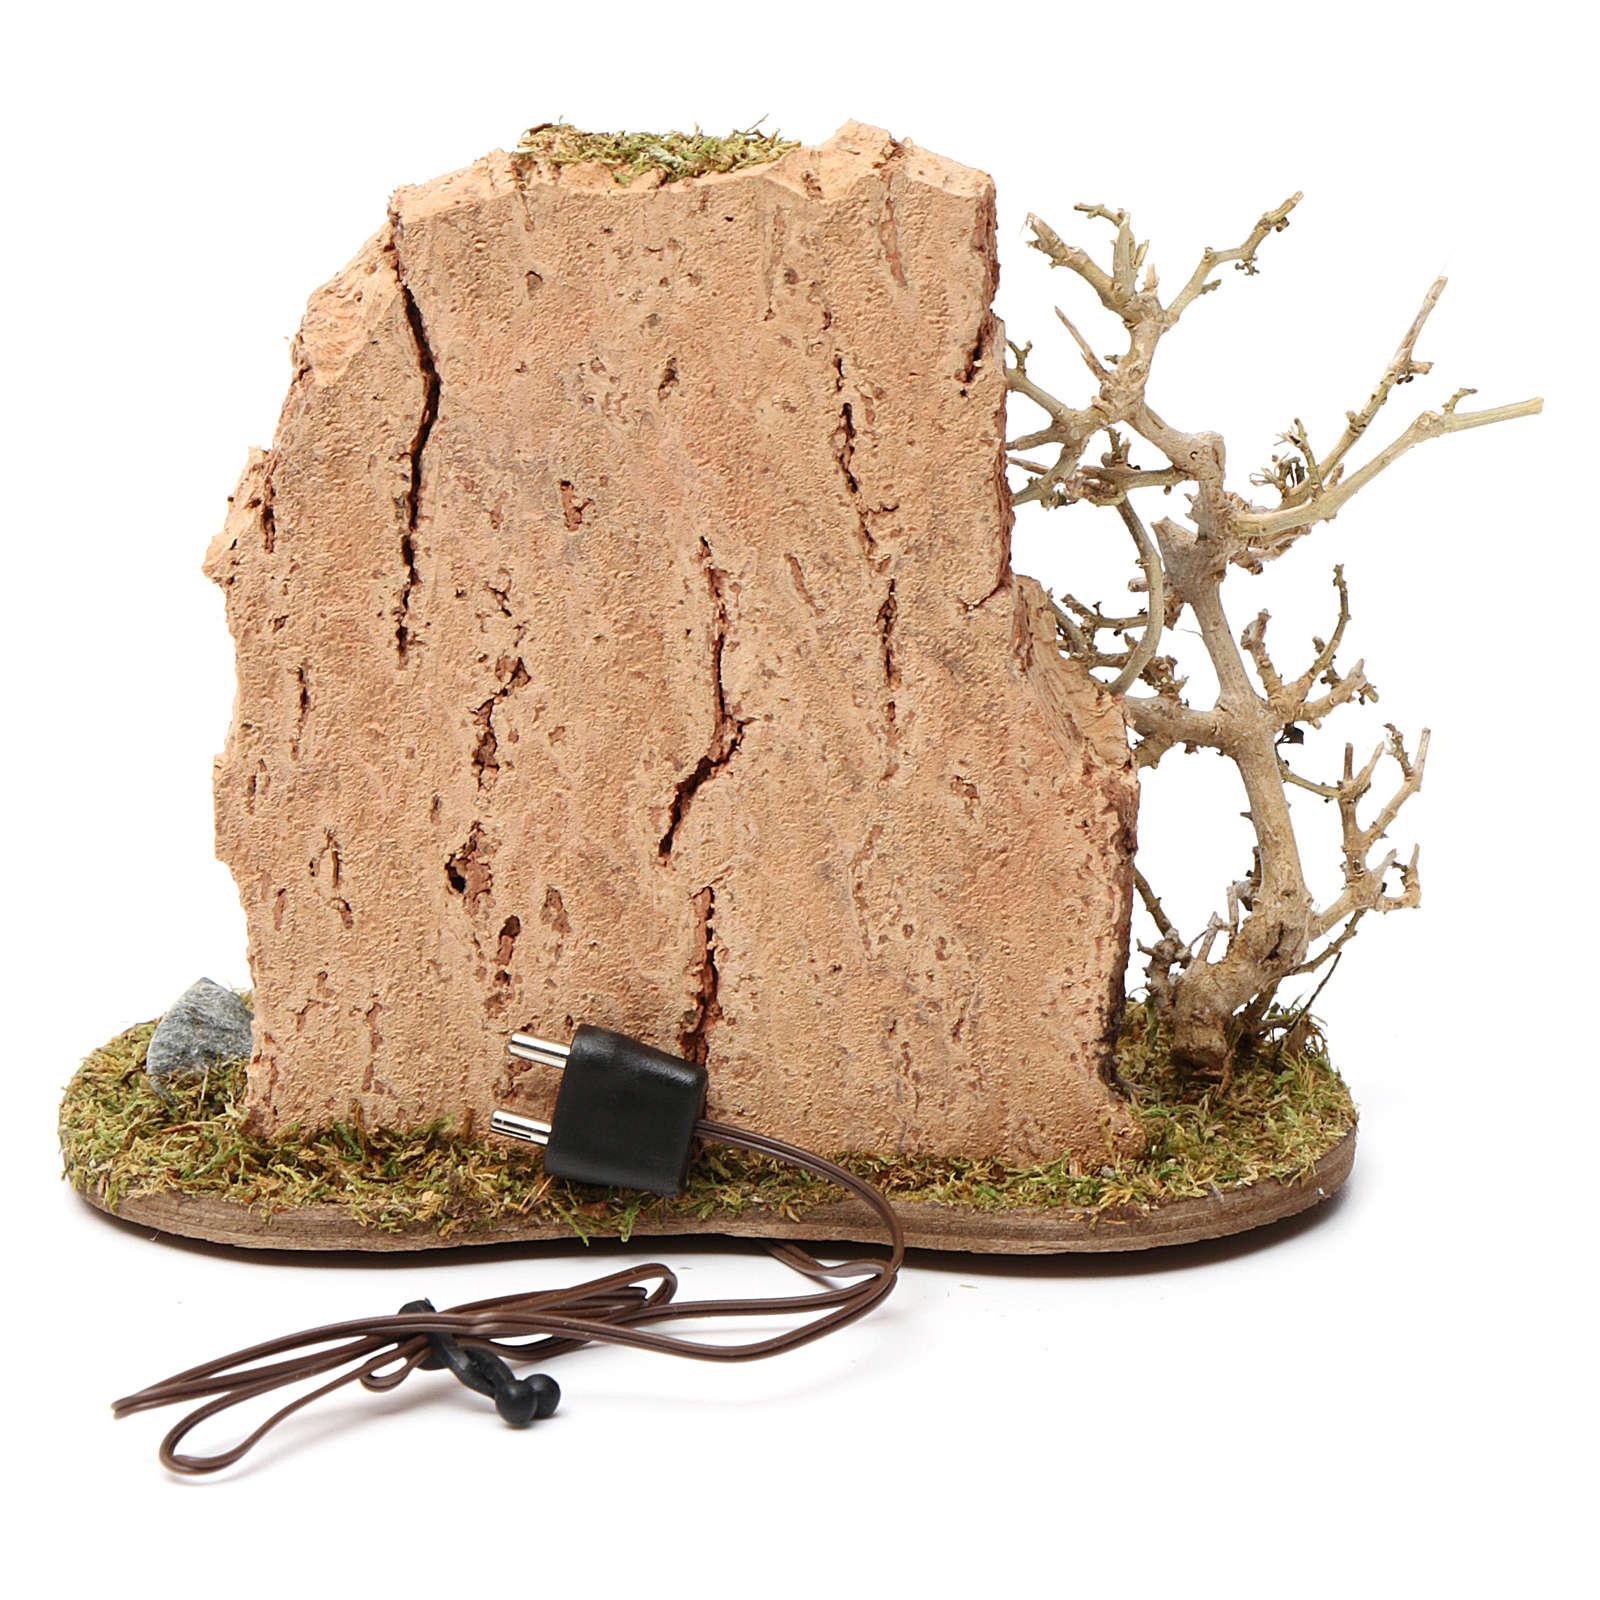 Fuoco e pentola da accampamento per presepe 10-12 cm legno fiamma illuminata 3,5-4,5V 4